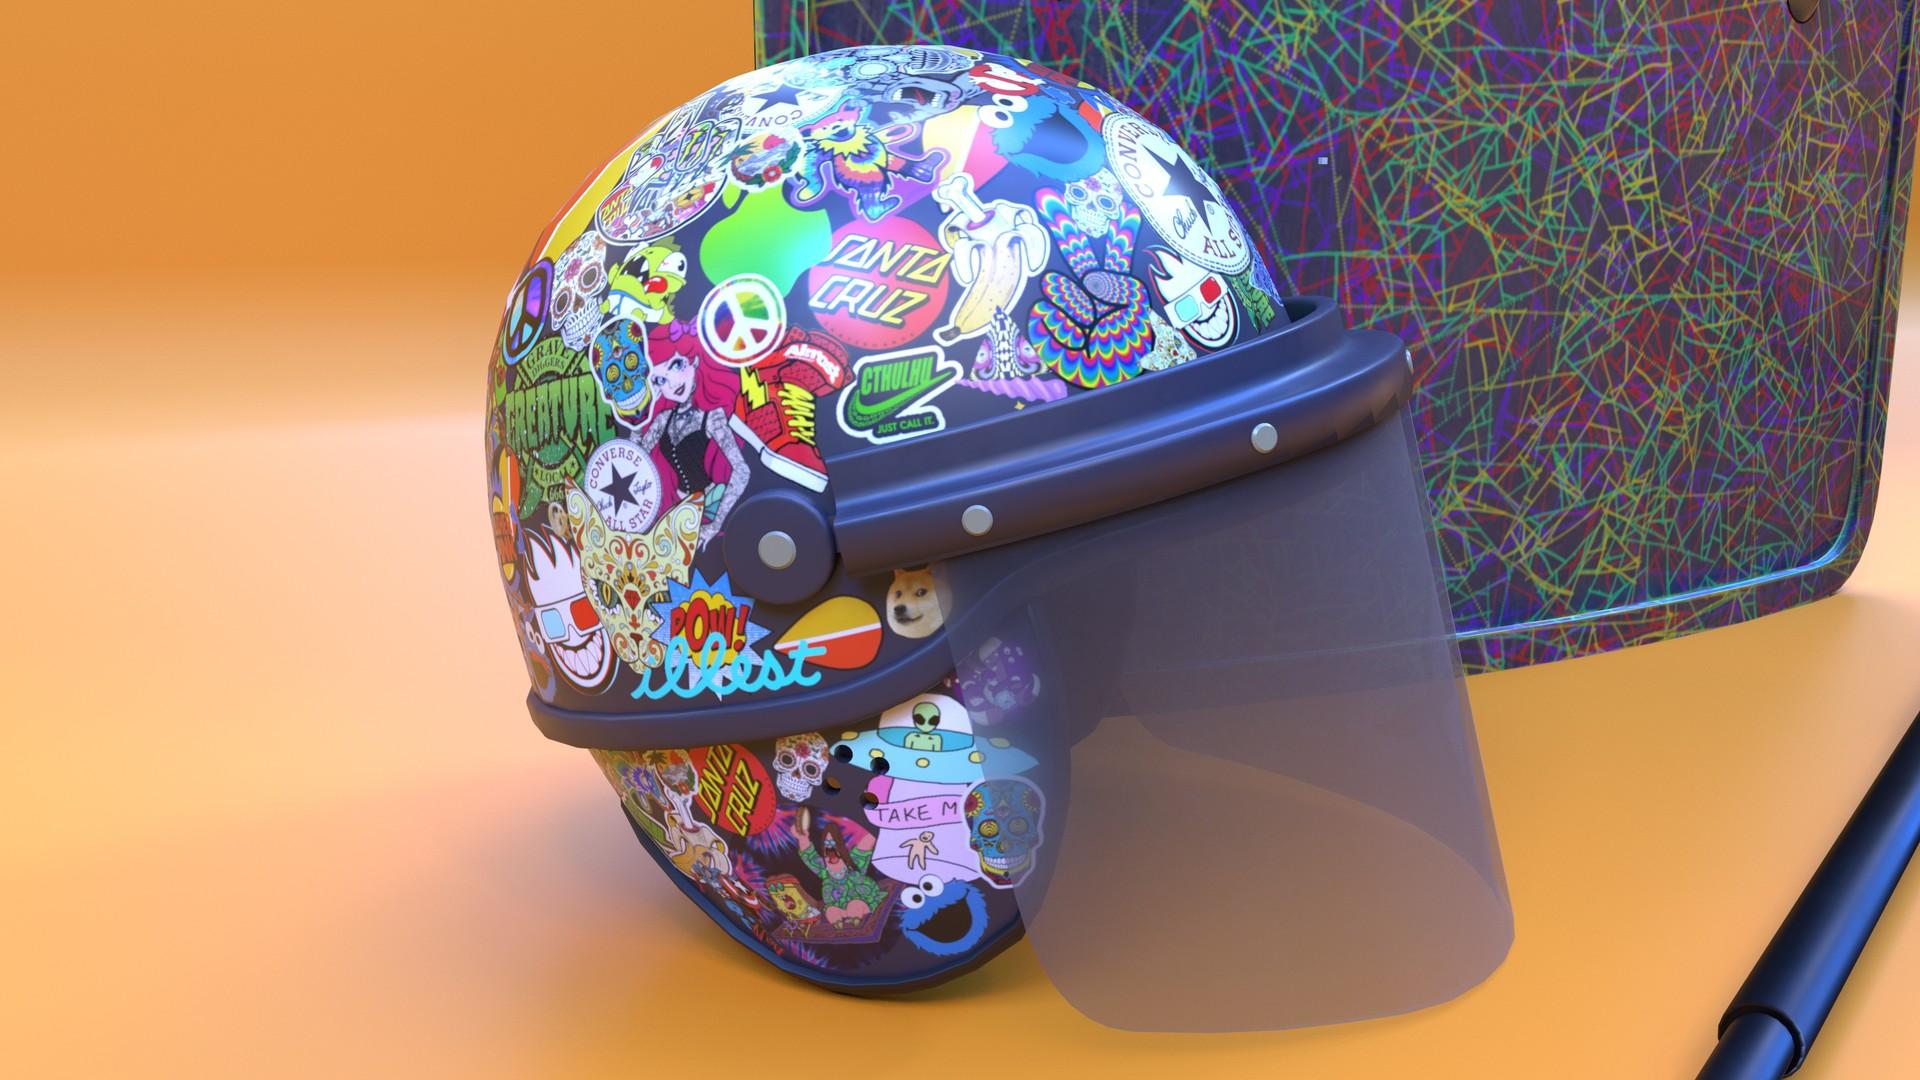 Andrew moore helmet shot 4k